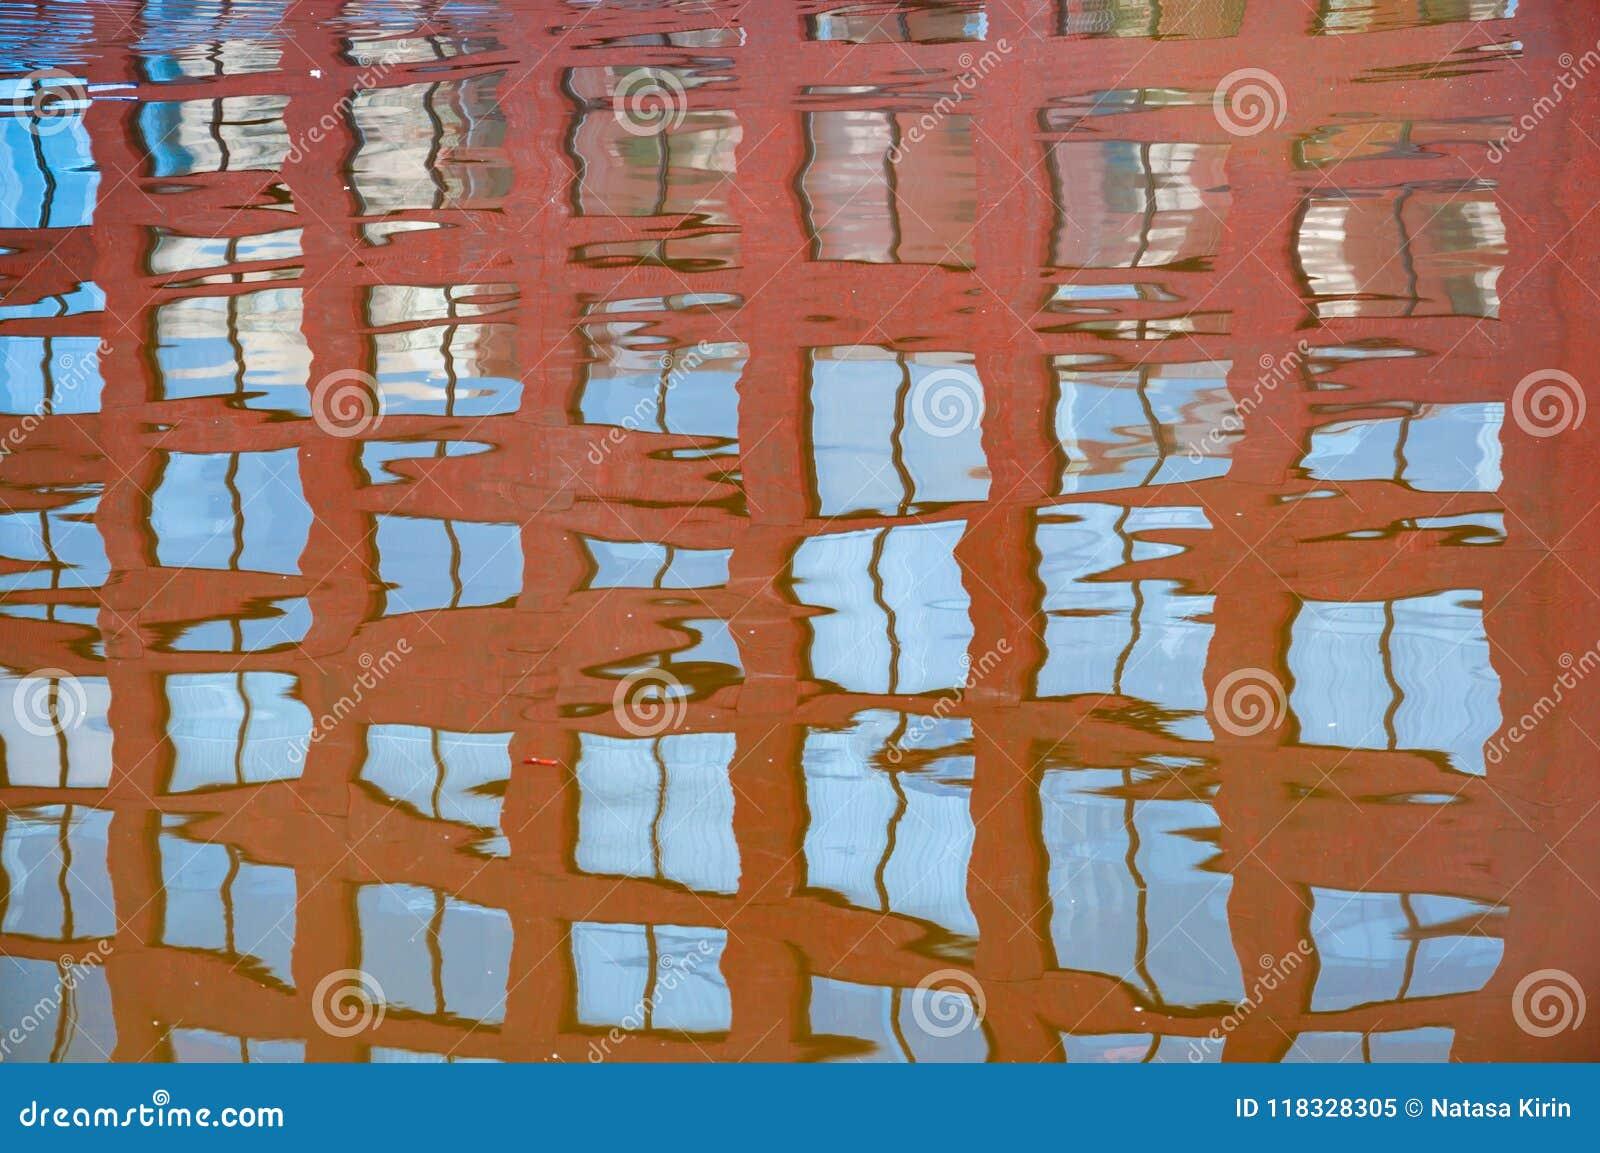 Reflexión de las ventanas del edificio en el río relativamente tranquilo